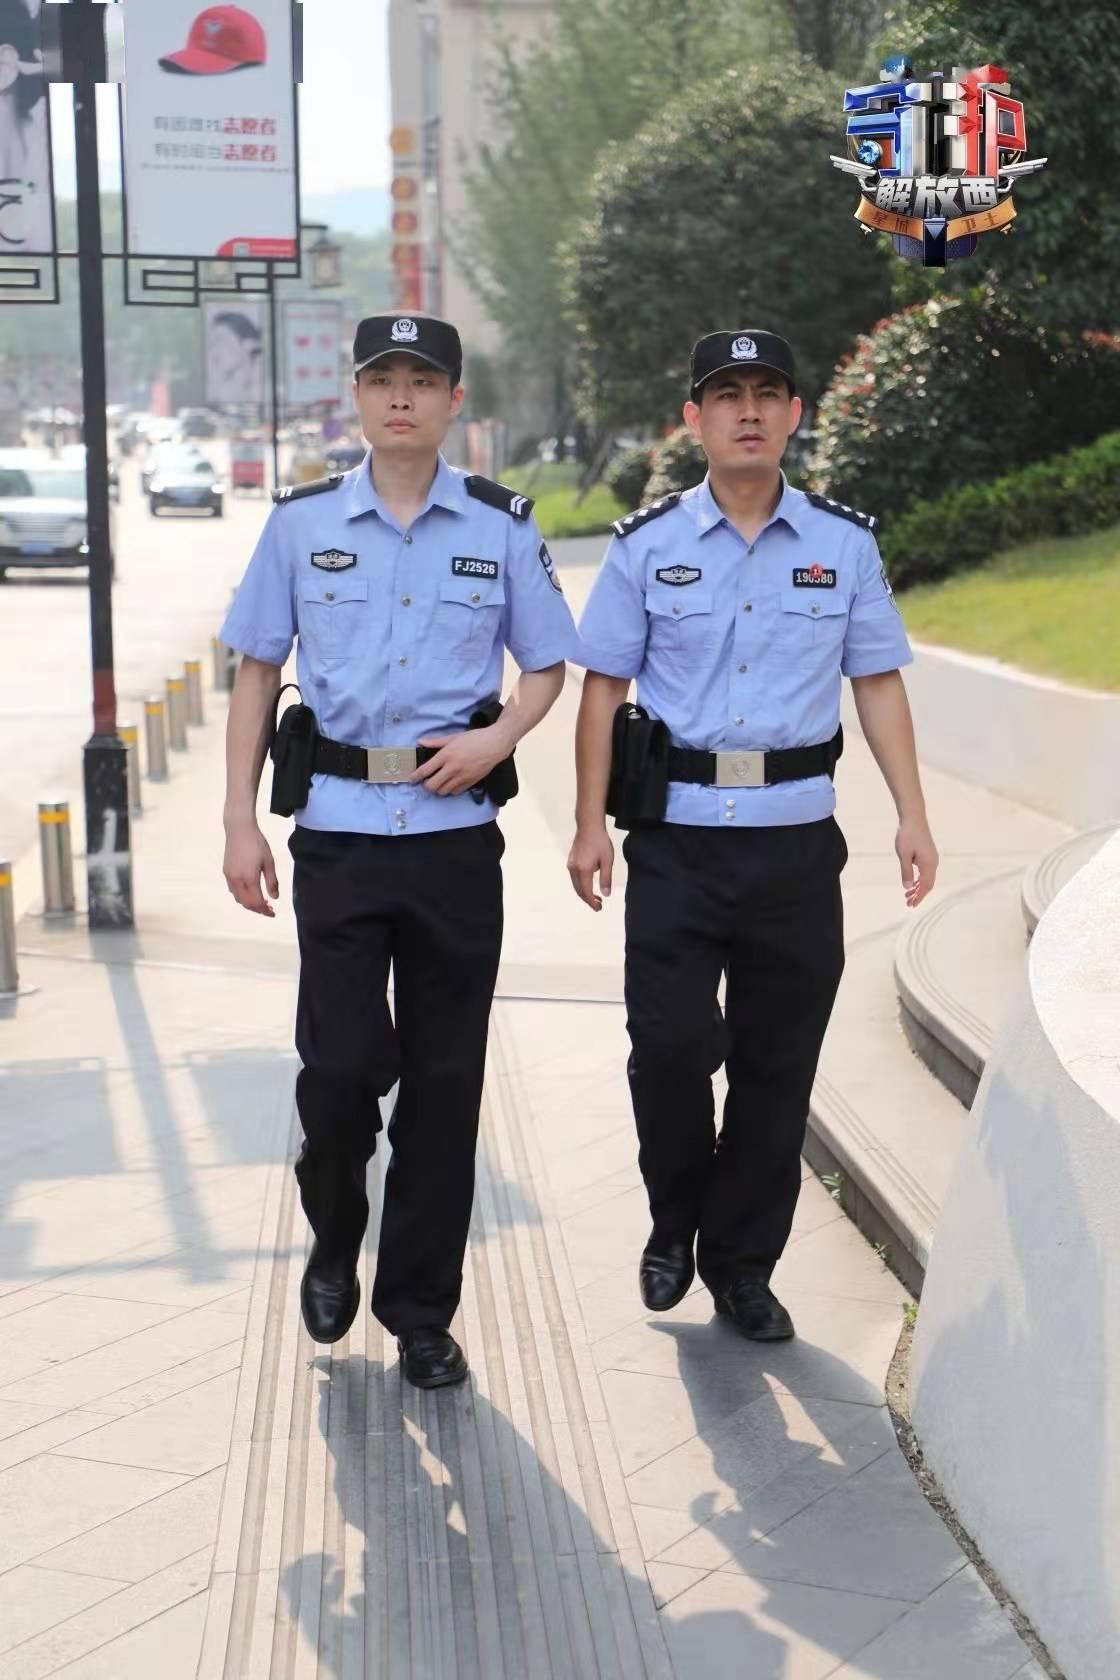 这位《镇西解放》里的网络明星警察,留在长沙过年了!粉丝要不要偶遇?